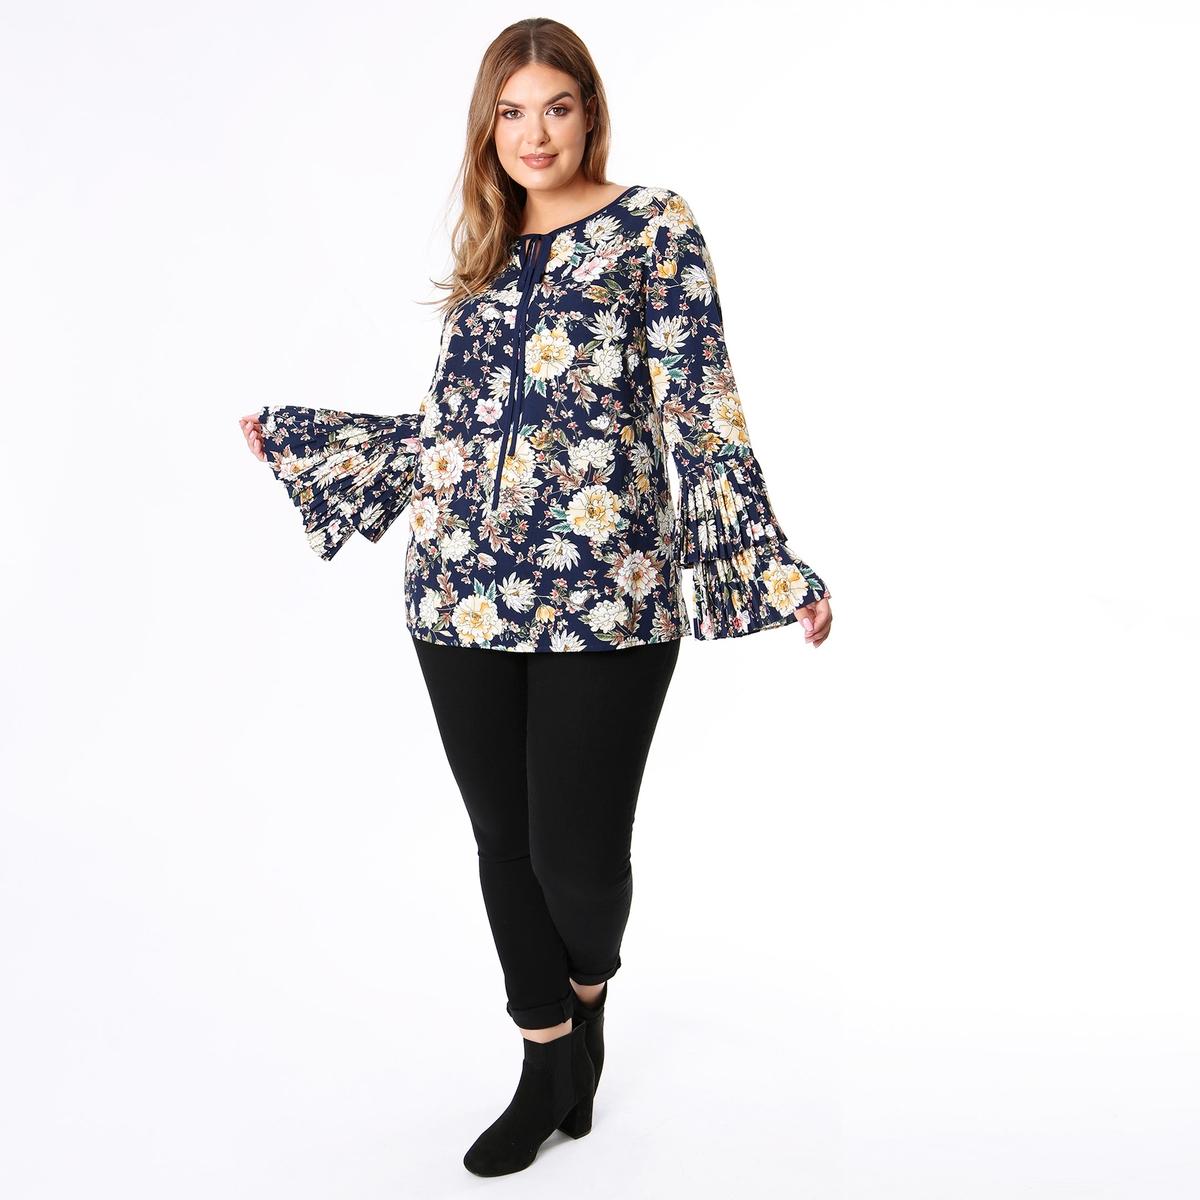 Блузка La Redoute С круглым вырезом цветочным рисунком и длинными рукавами 46 (FR) - 52 (RUS) другие блузка la redoute с круглым вырезом цветочным рисунком и длинными рукавами s черный